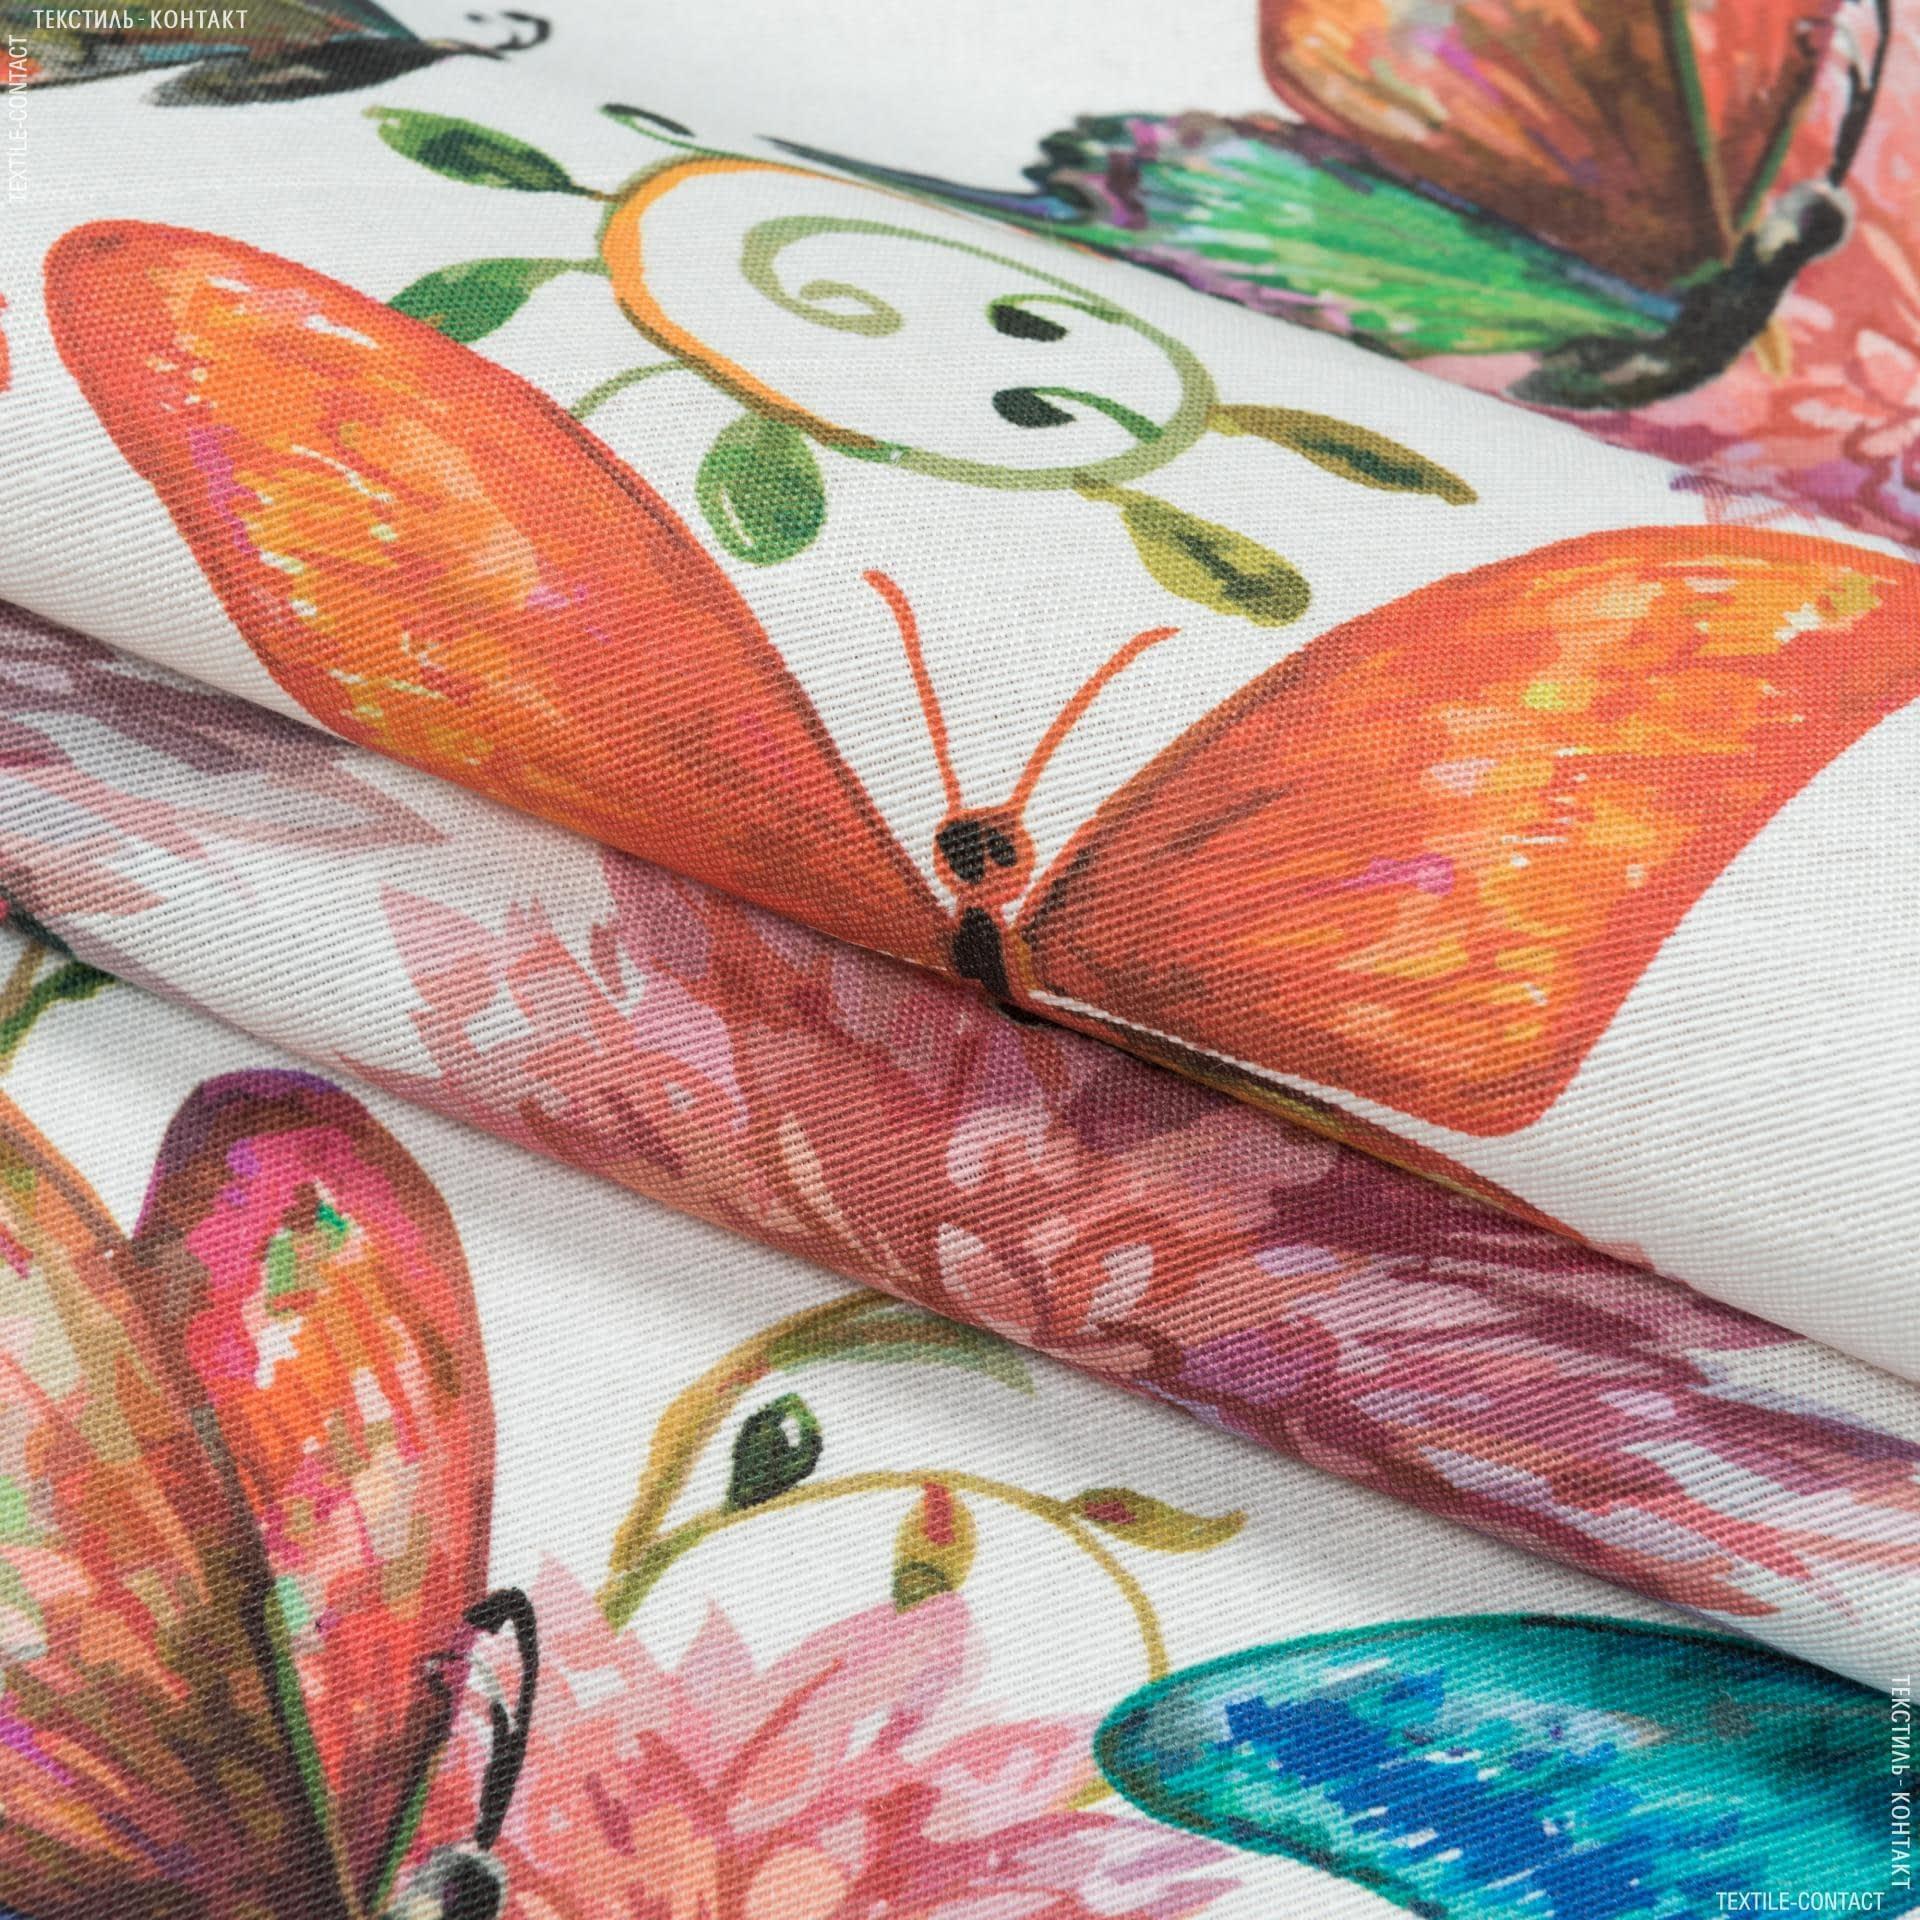 Ткани портьерные ткани - Декоративная ткань цветы бабочки фон молочный